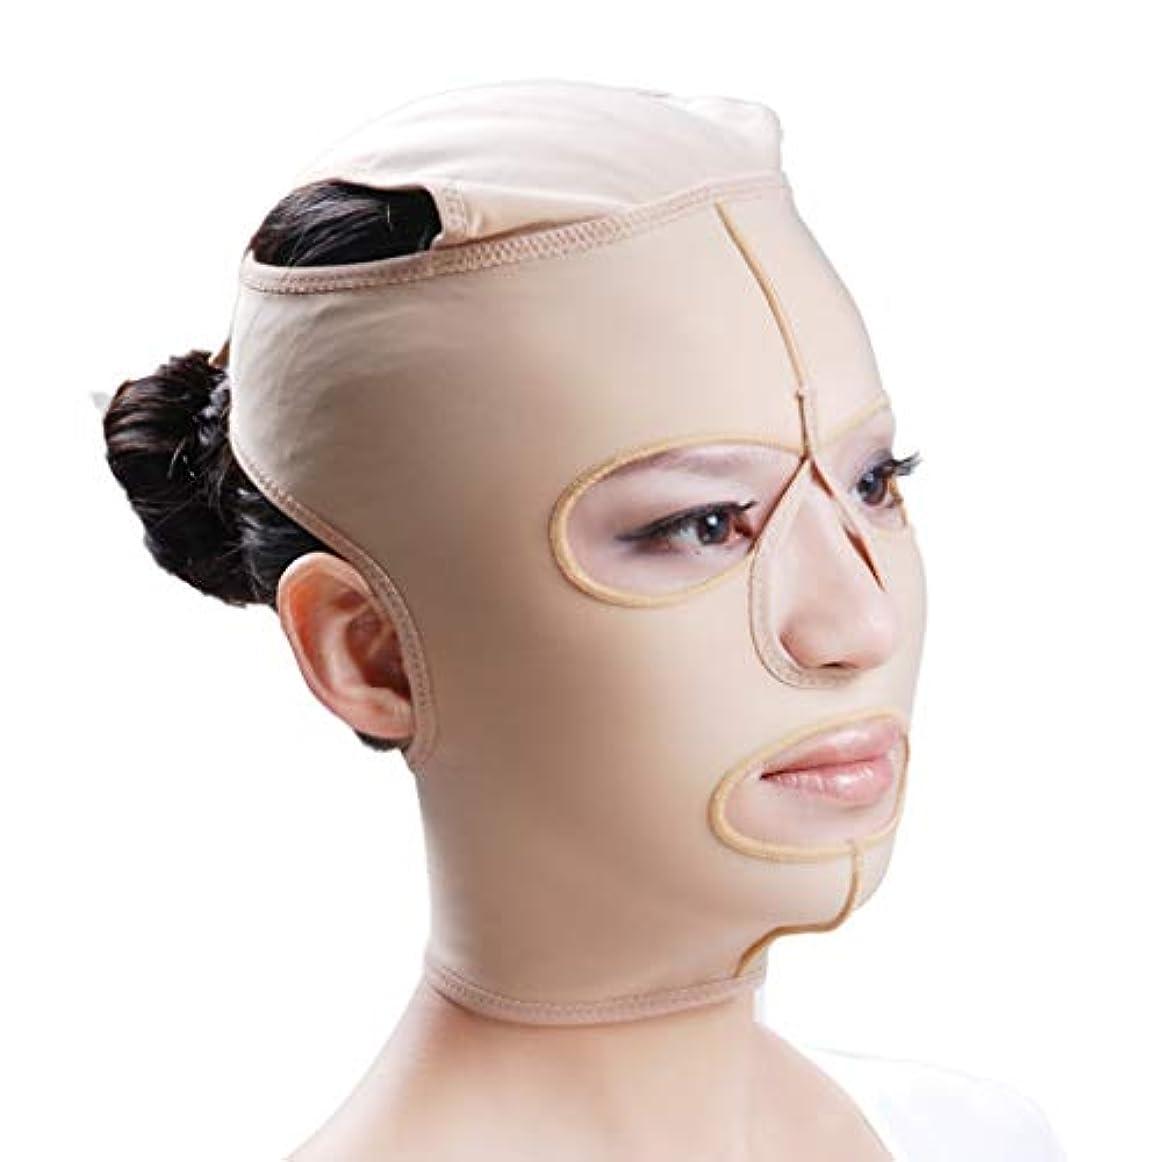 ラフ睡眠彼認証XHLMRMJ フェイスリフトマスク、フルフェイスマスク医療グレード圧力フェイスダブルチンプラスチック脂肪吸引術弾性包帯ヘッドギア後の顔の脂肪吸引術 (Size : M)